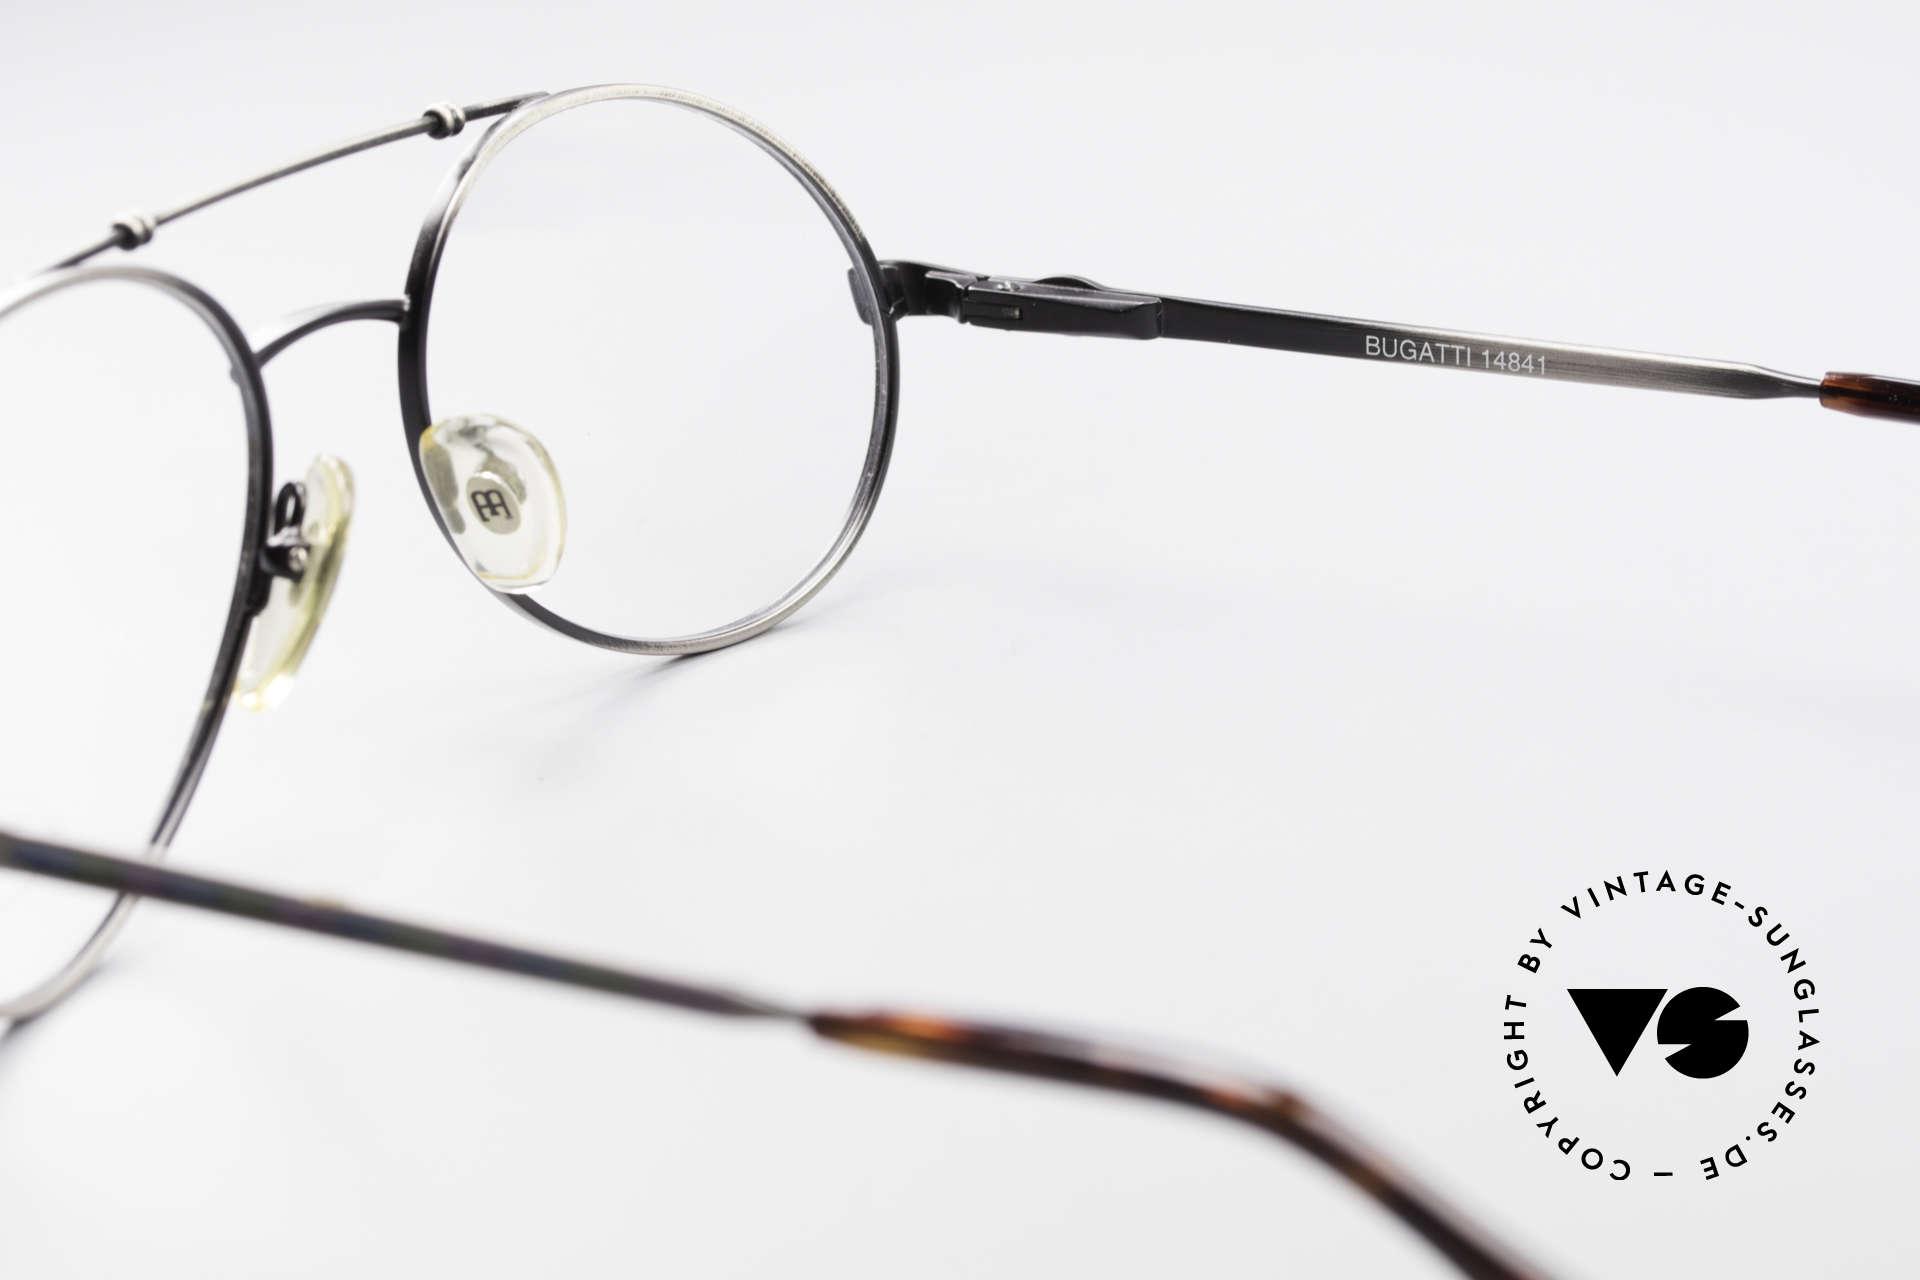 Bugatti 14841 Titanium 80er Vintage Brille, KEINE Retrobrille, sondern ein kostbares Original, Passend für Herren